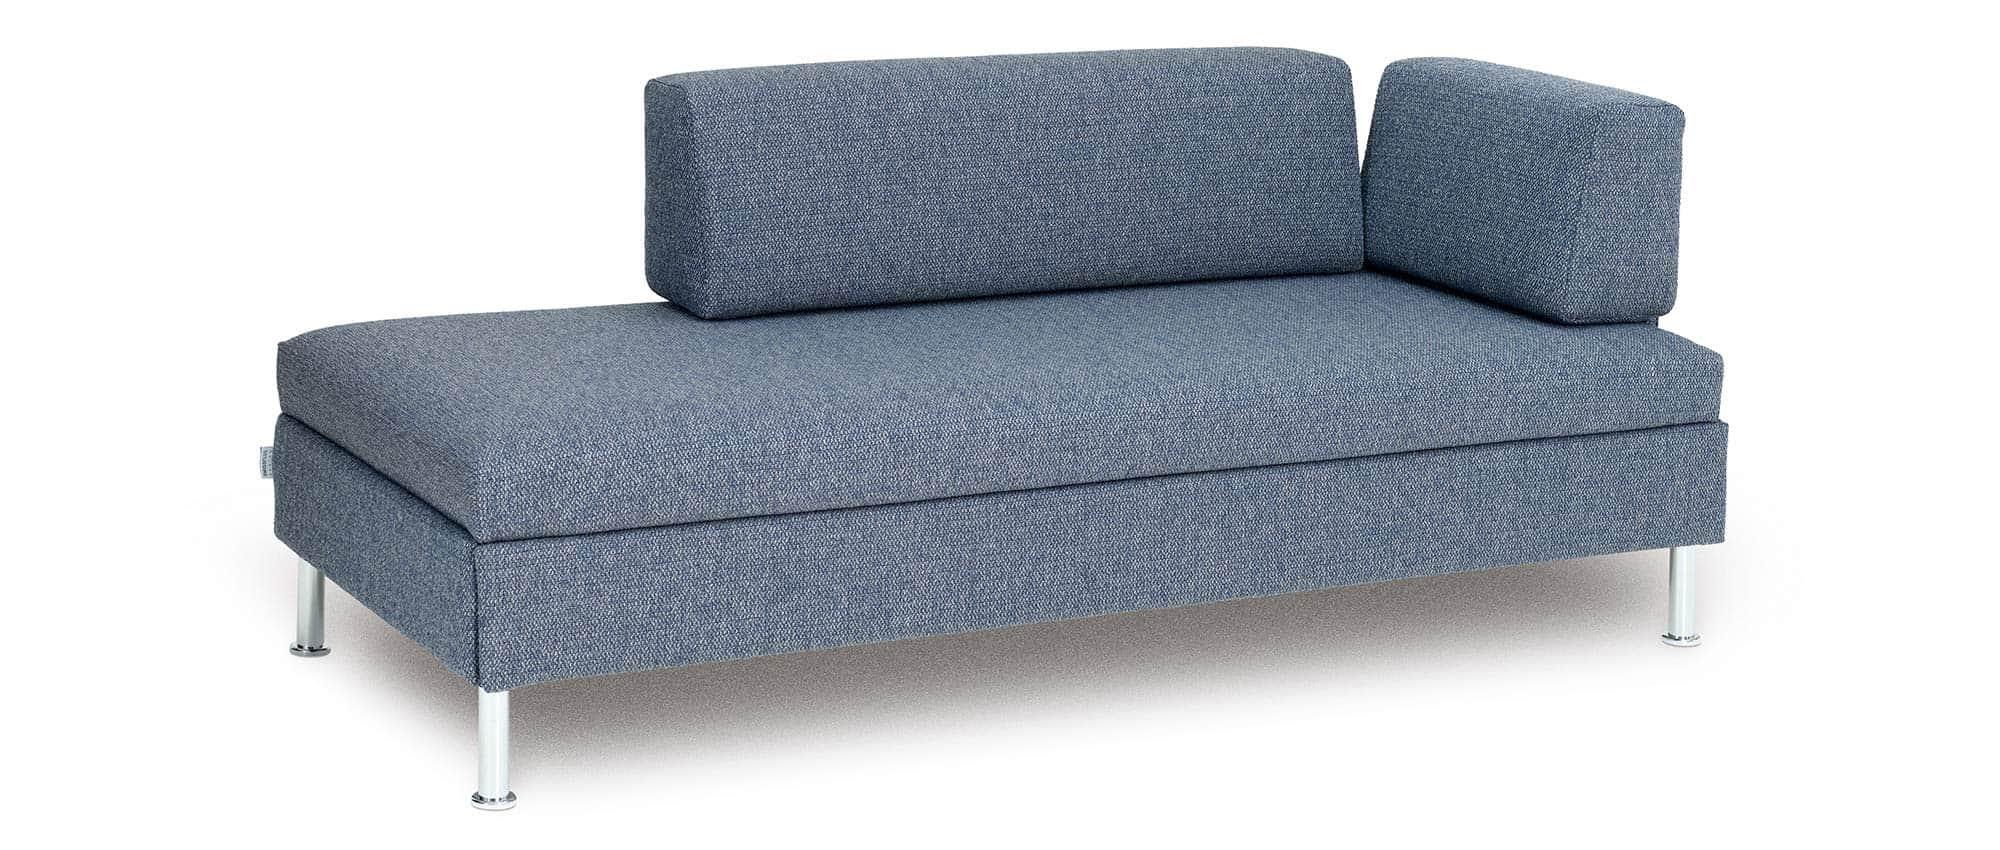 singolo schlafliege mit bettkasten von swiss plus. Black Bedroom Furniture Sets. Home Design Ideas